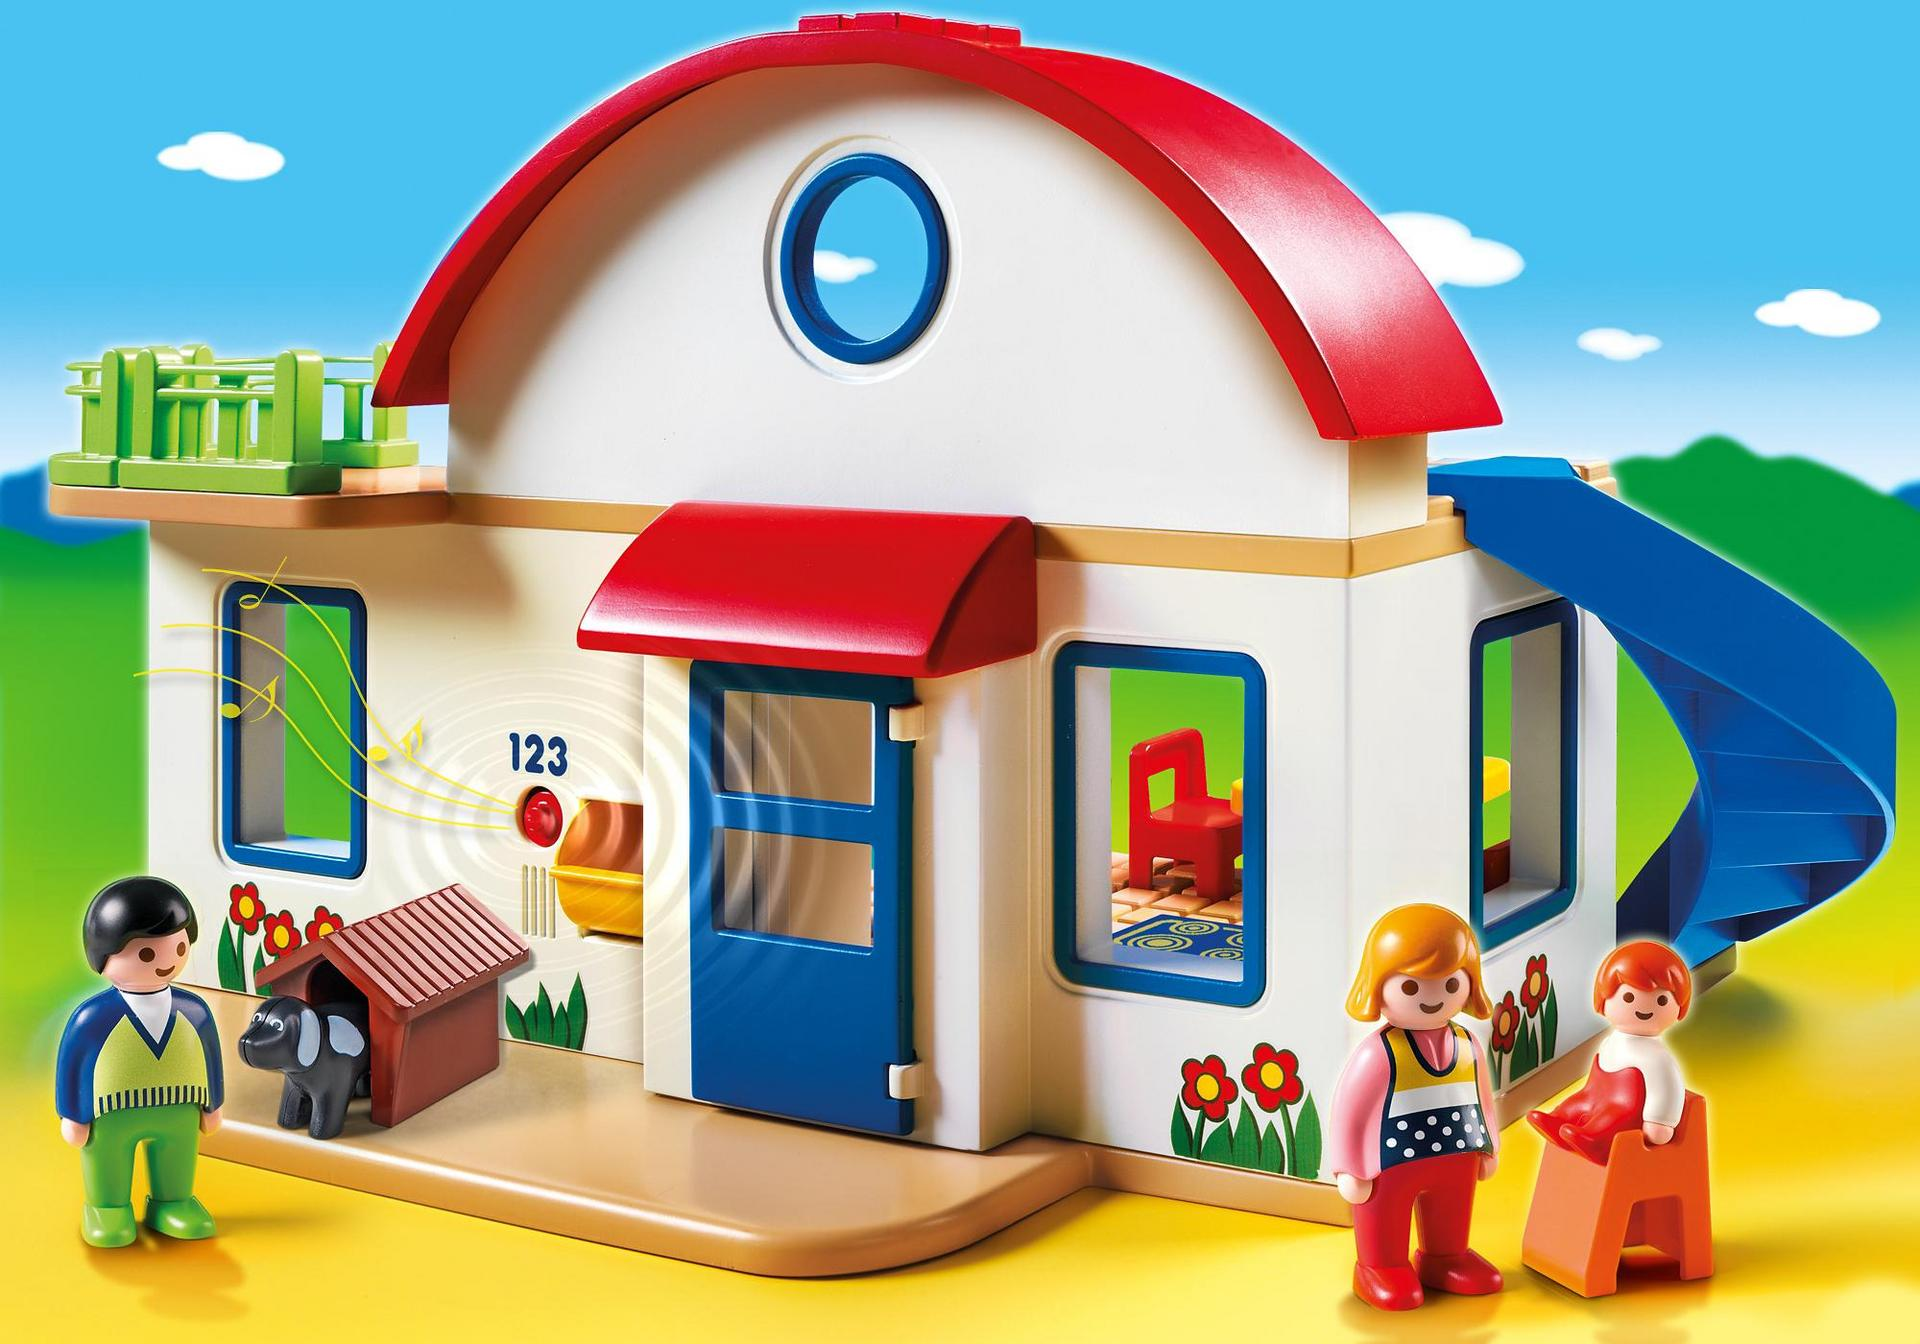 Maison de campagne 6784 playmobil france - Maison a donner gratuitement ...